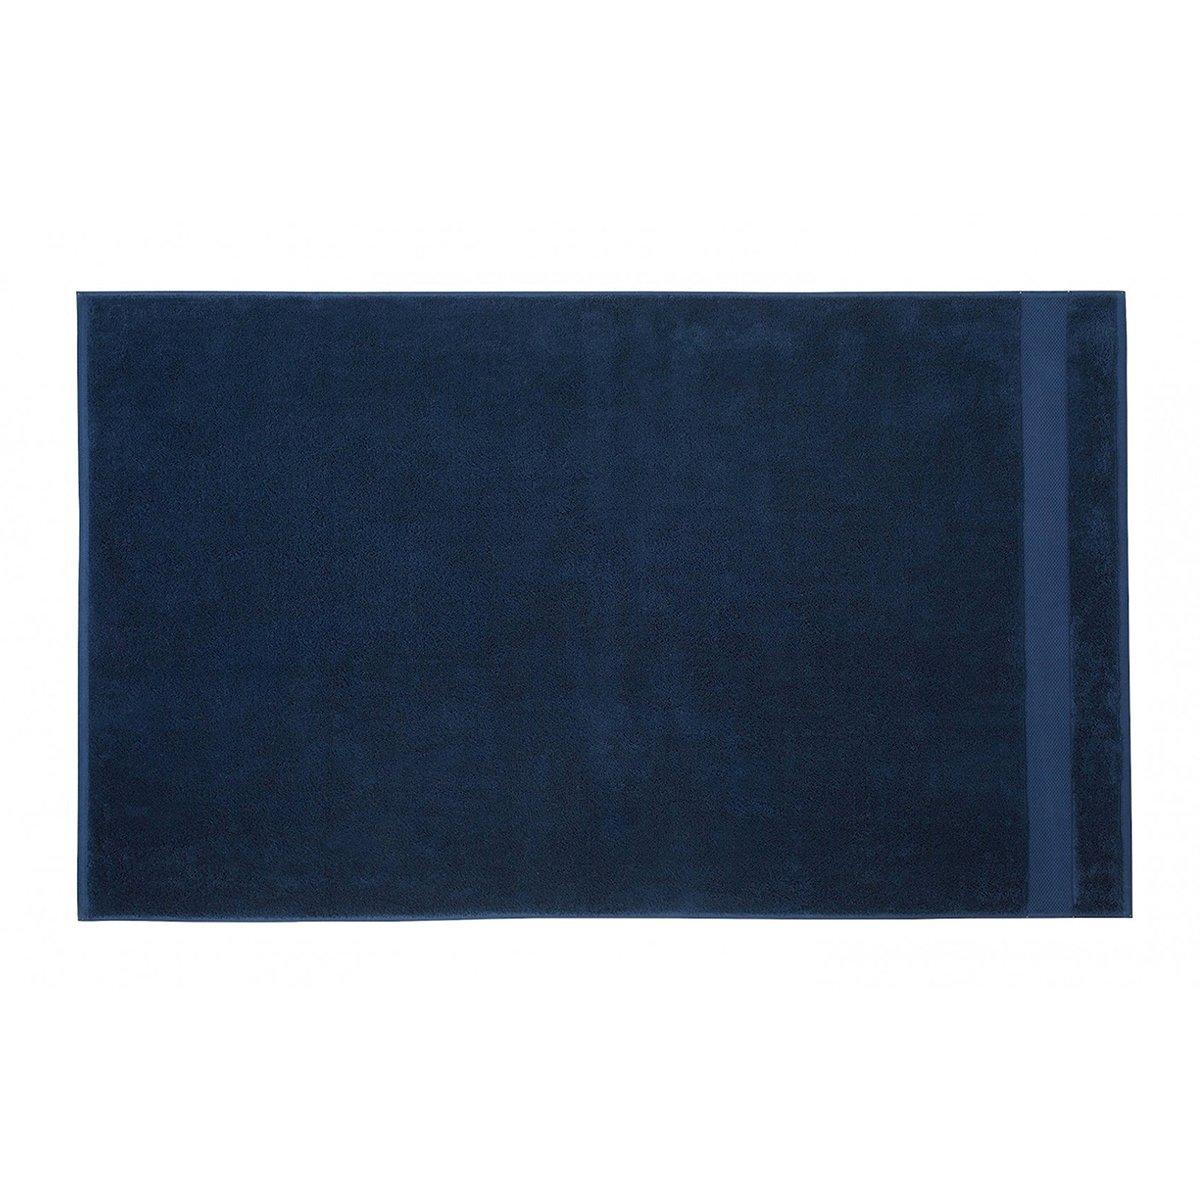 Drap de bain coton 90x150 cm bleuet